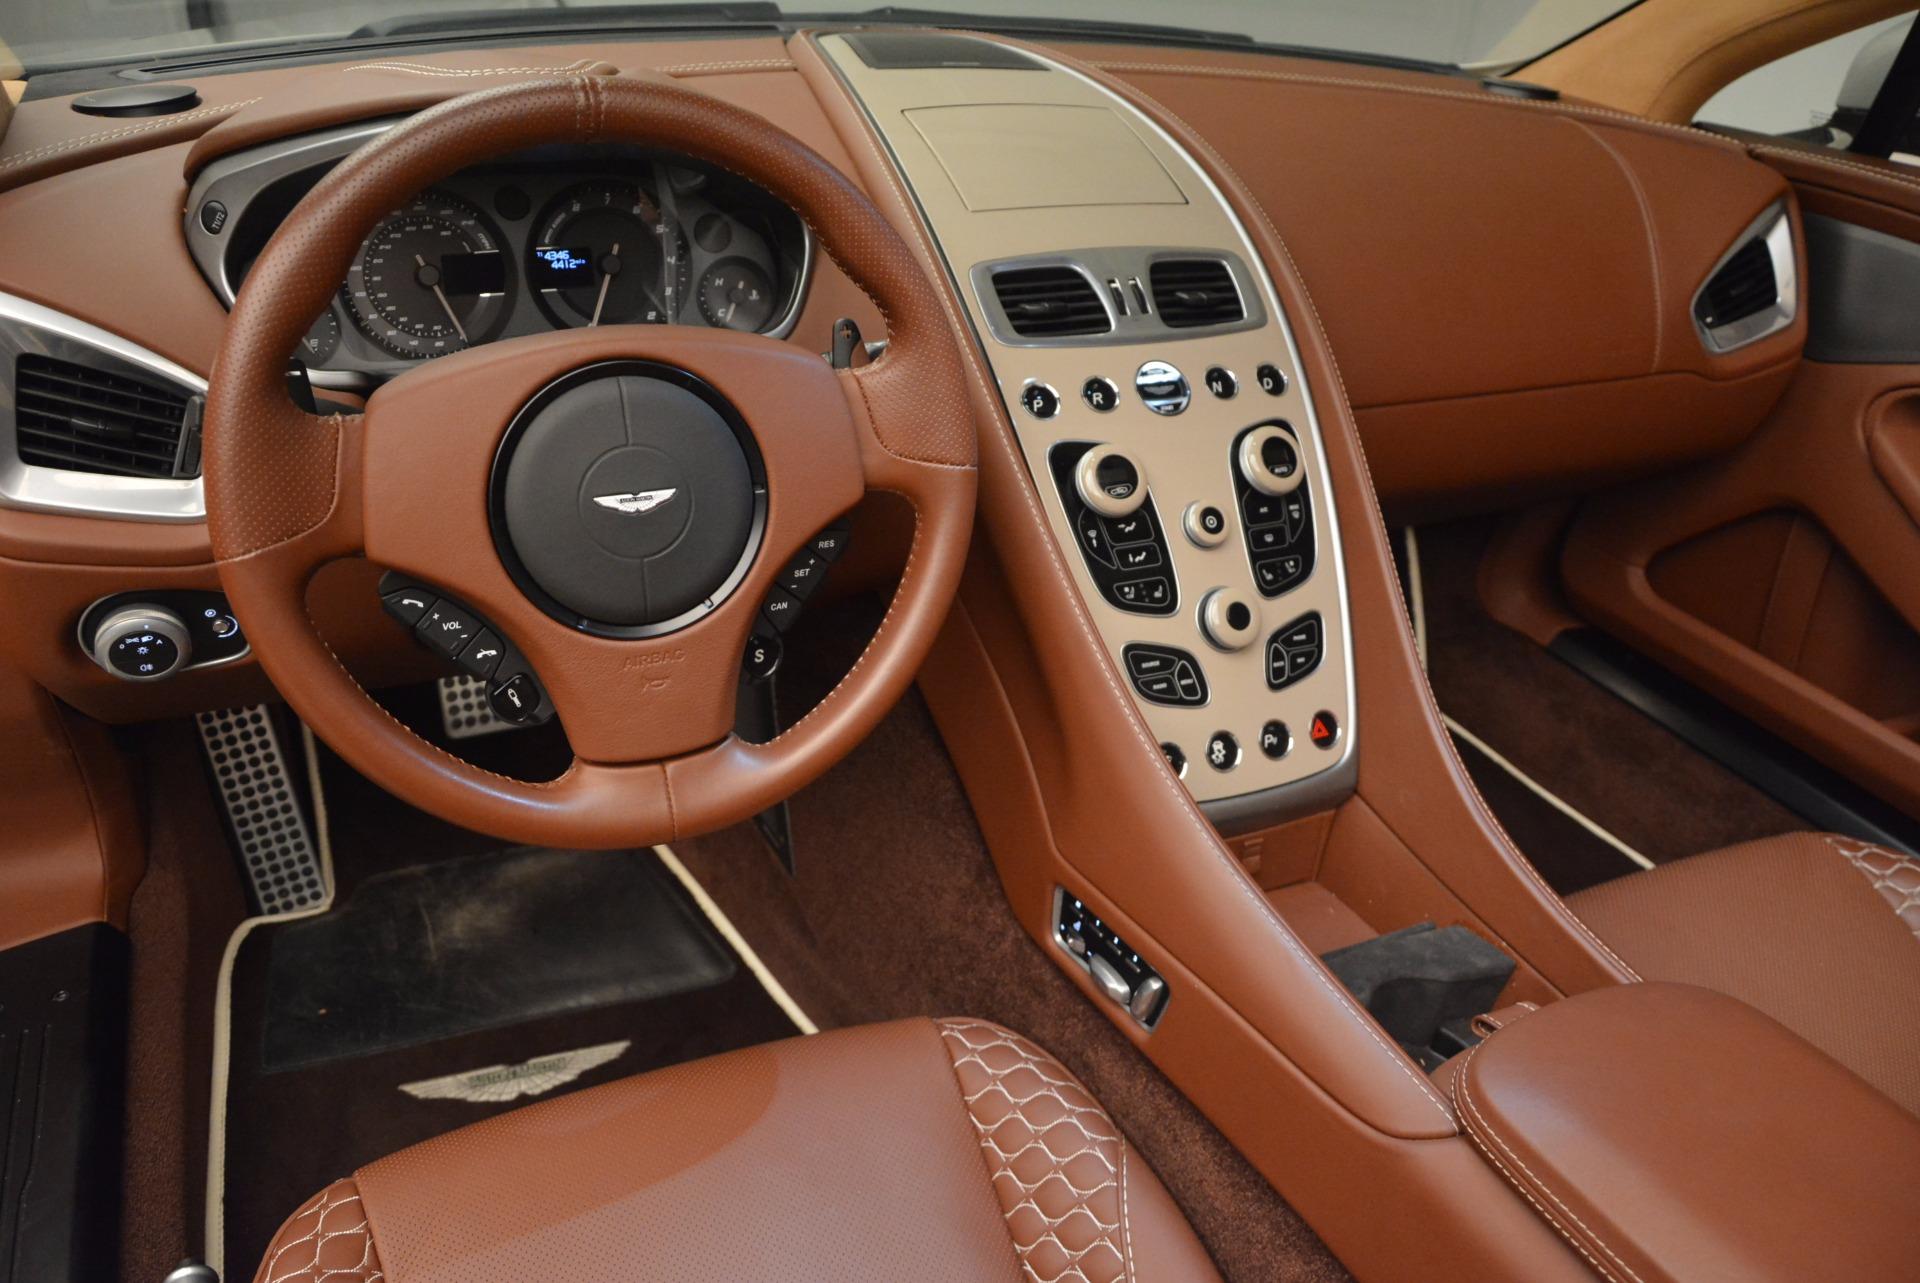 Used 2015 Aston Martin Vanquish Volante For Sale In Greenwich, CT. Alfa Romeo of Greenwich, 7248 1448_p21